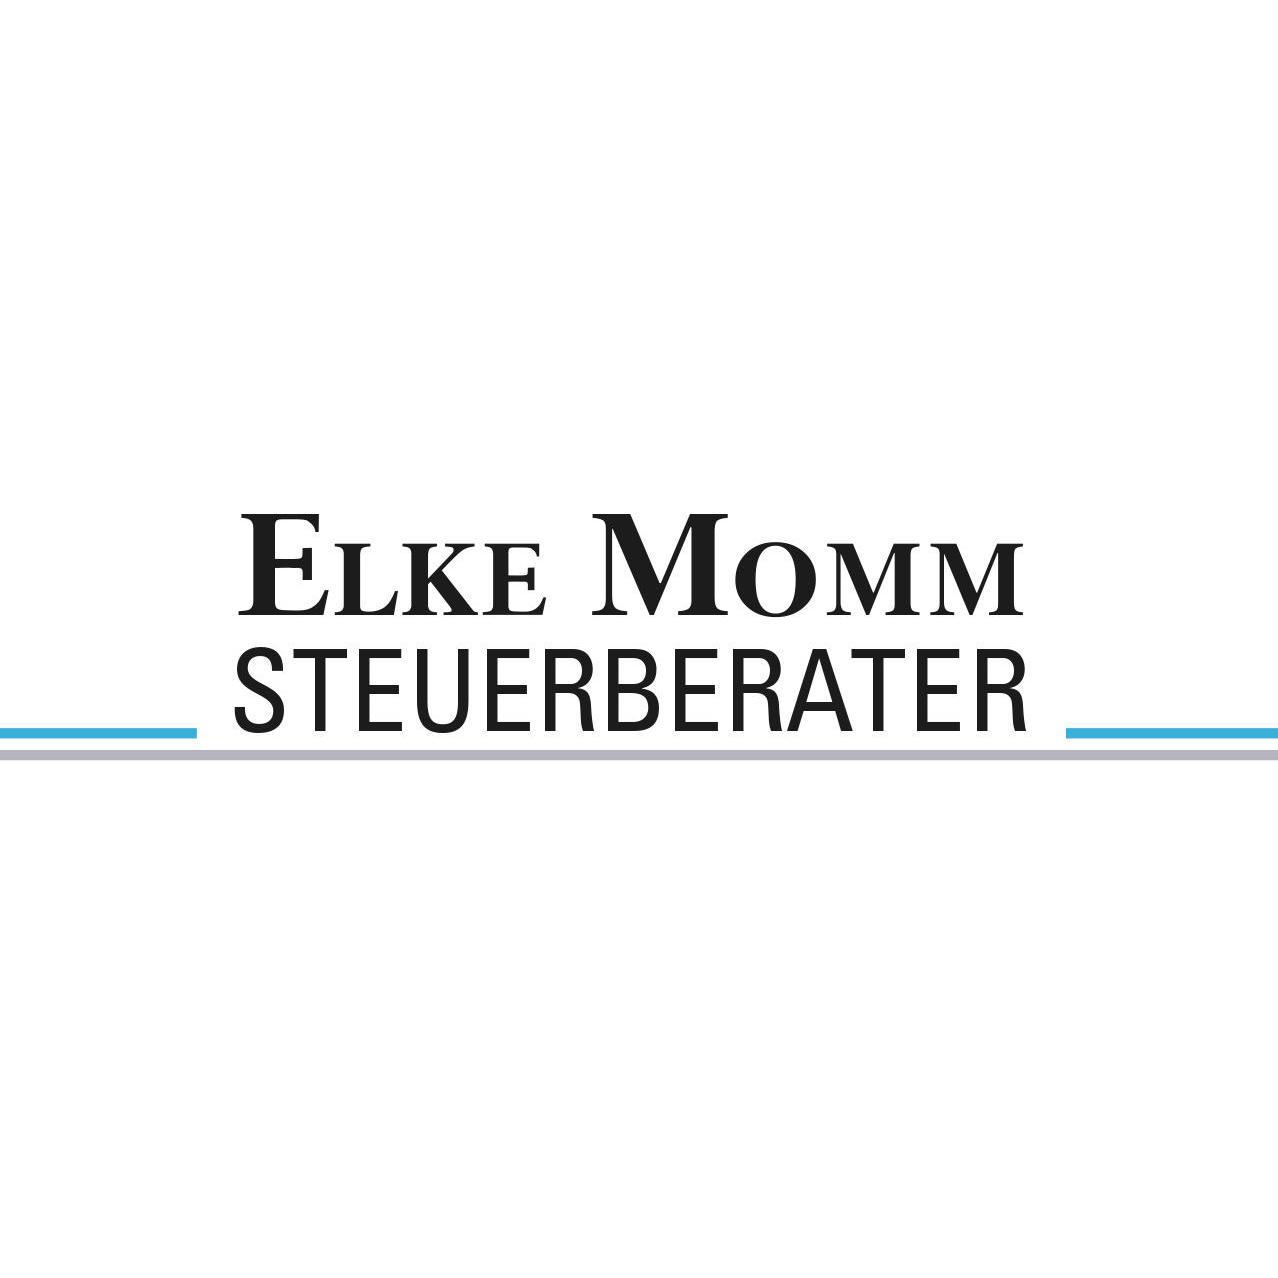 Steuerberater Elke Momm